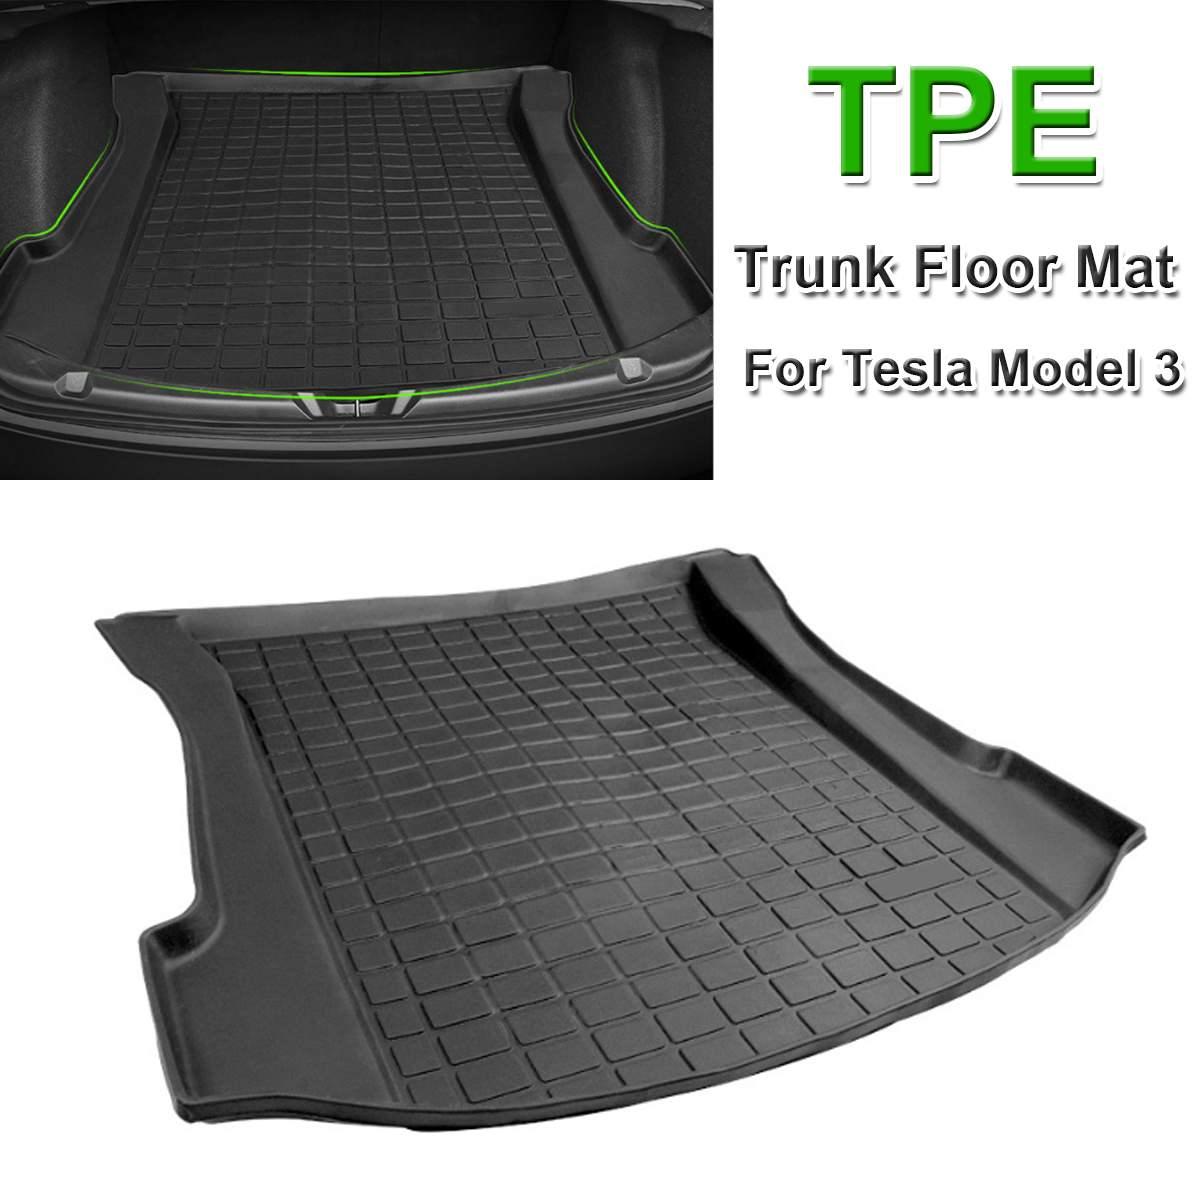 Nouveau 1 pièces tapis de sol TPE tapis de sol arrière en élastomère thermoplastique noir tapis de chargement arrière pour Tesla modèle 3